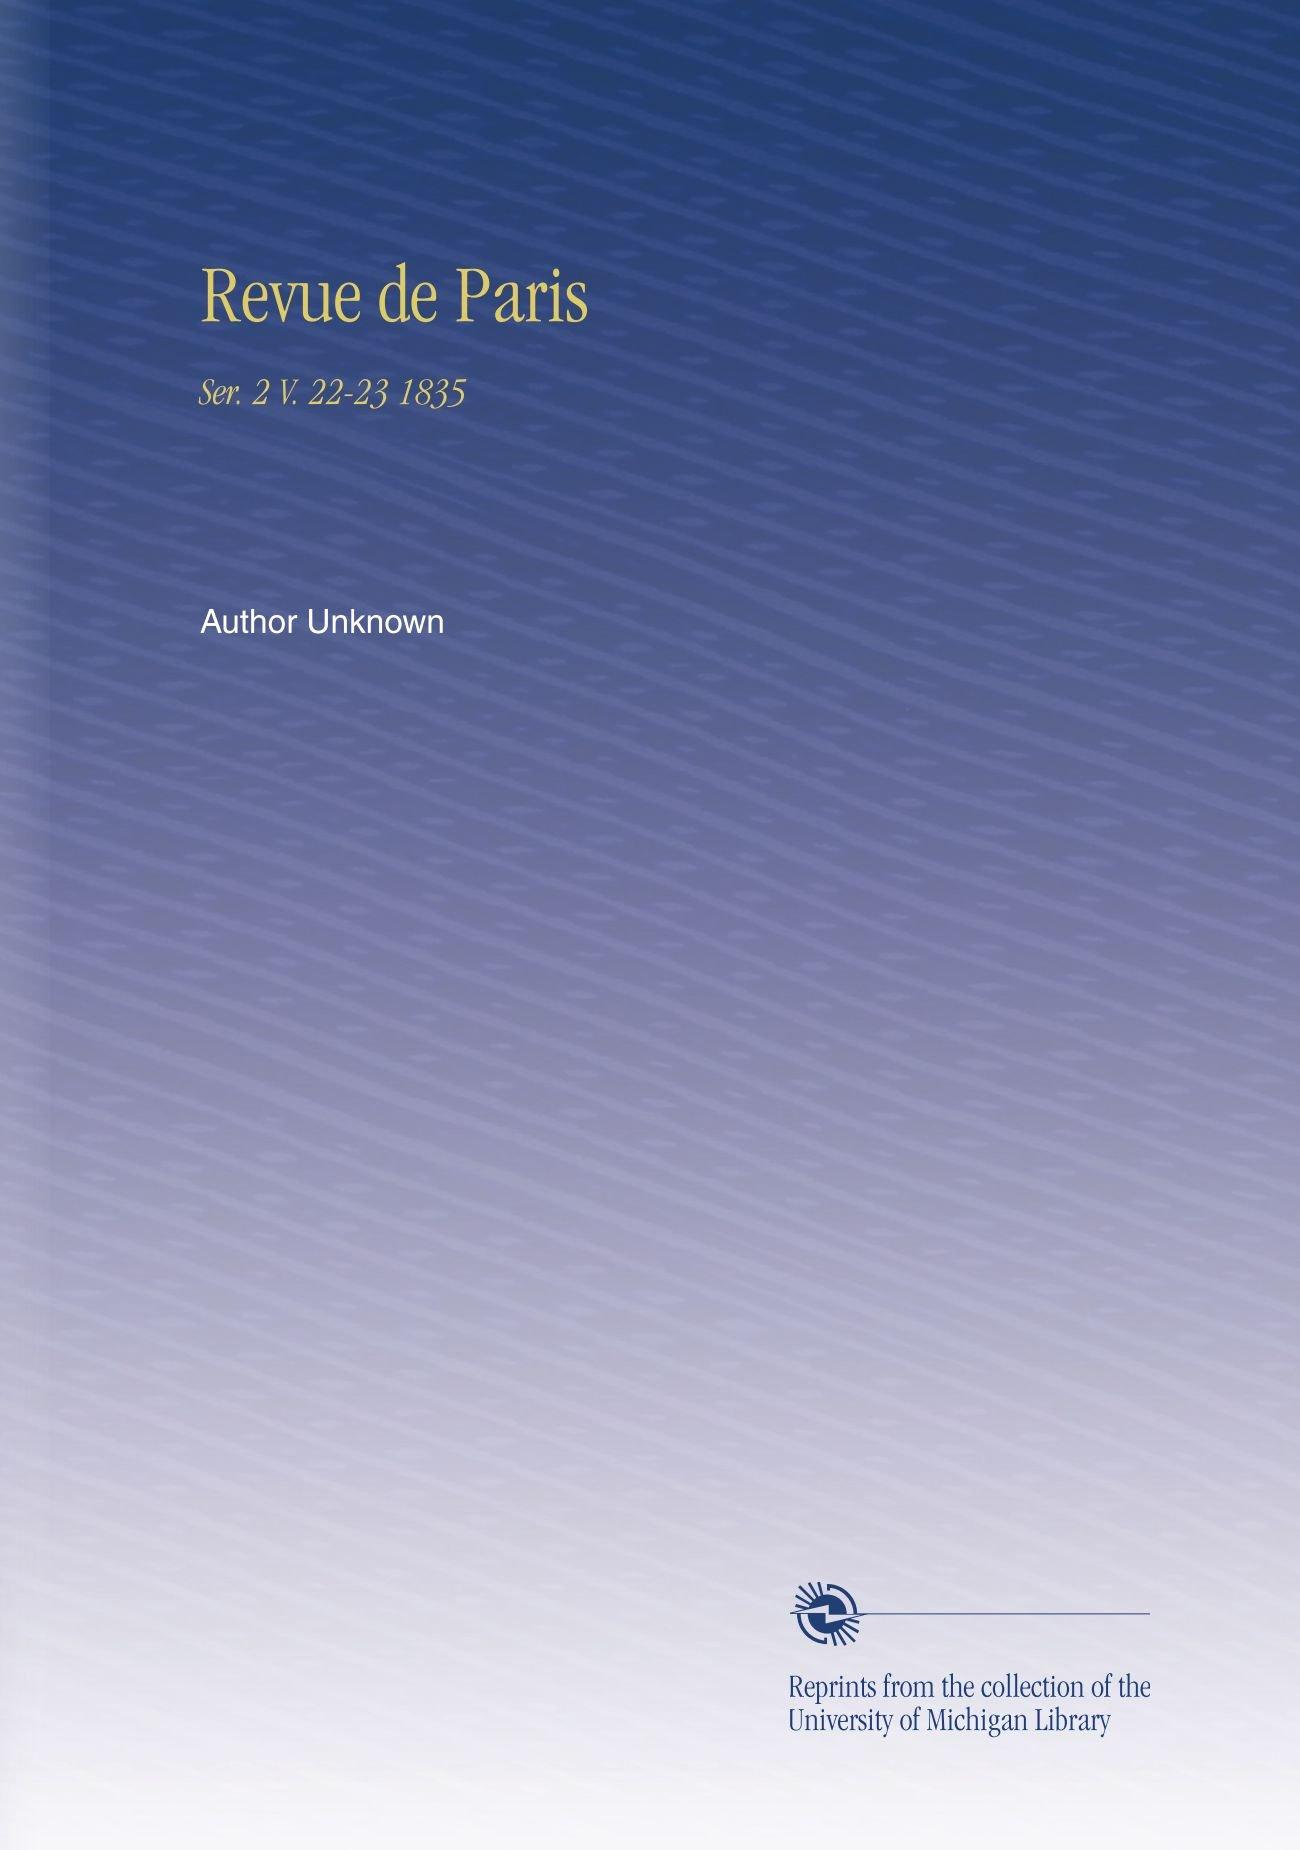 Revue de Paris: Ser. 2 V. 22-23 1835 (French Edition) ebook